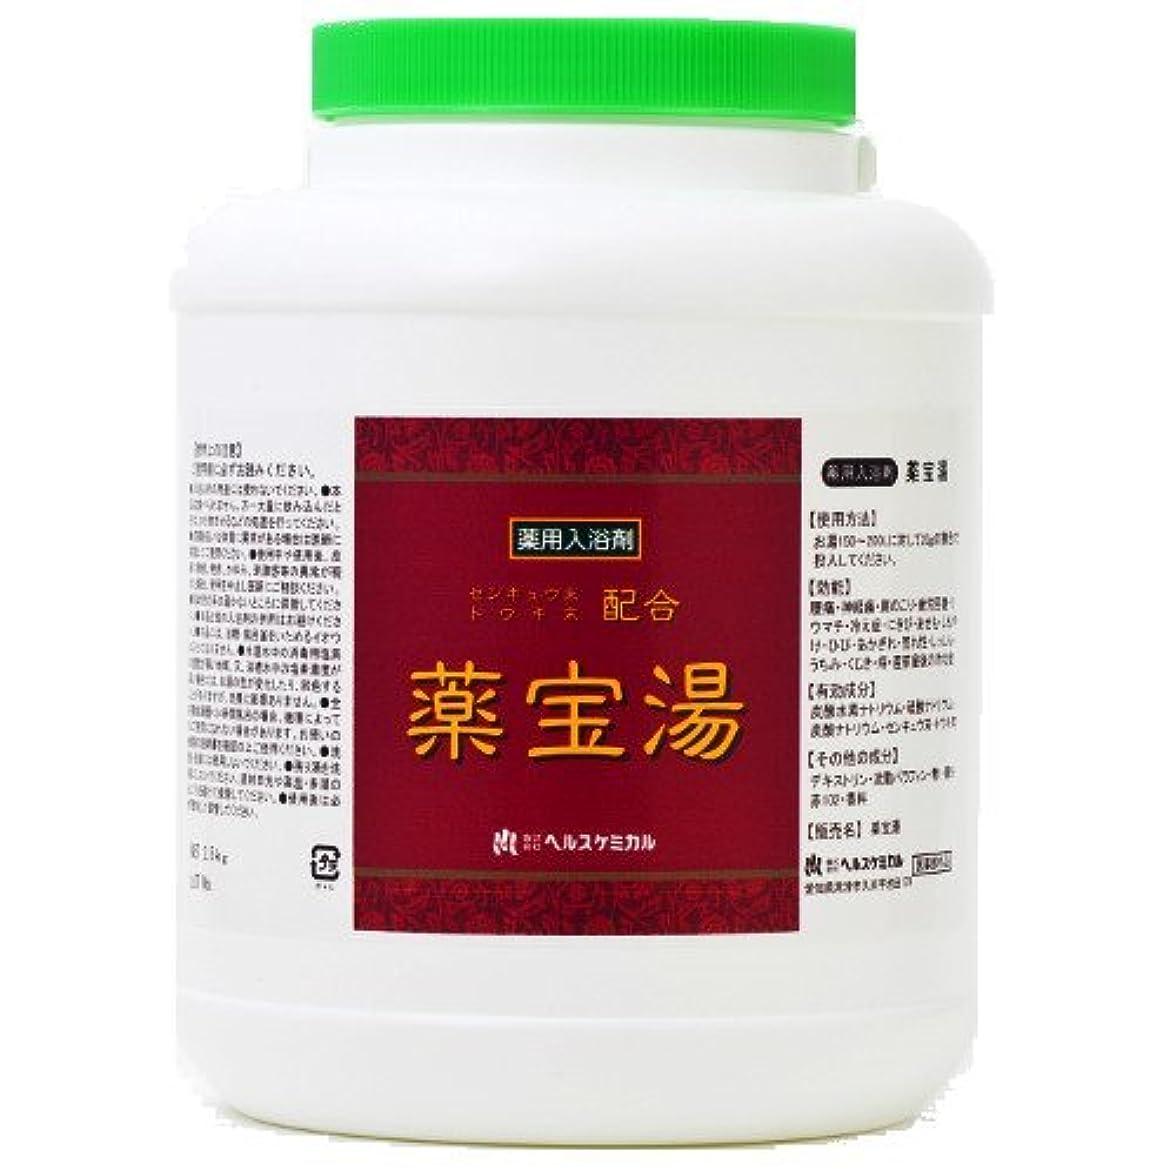 脚本家ペース原稿薬宝湯 やくほうとう 医薬部外品 天然生薬 の 香り 粉末 入浴剤 高麗人参 エキス 配合 (2.5kg (約125回分))